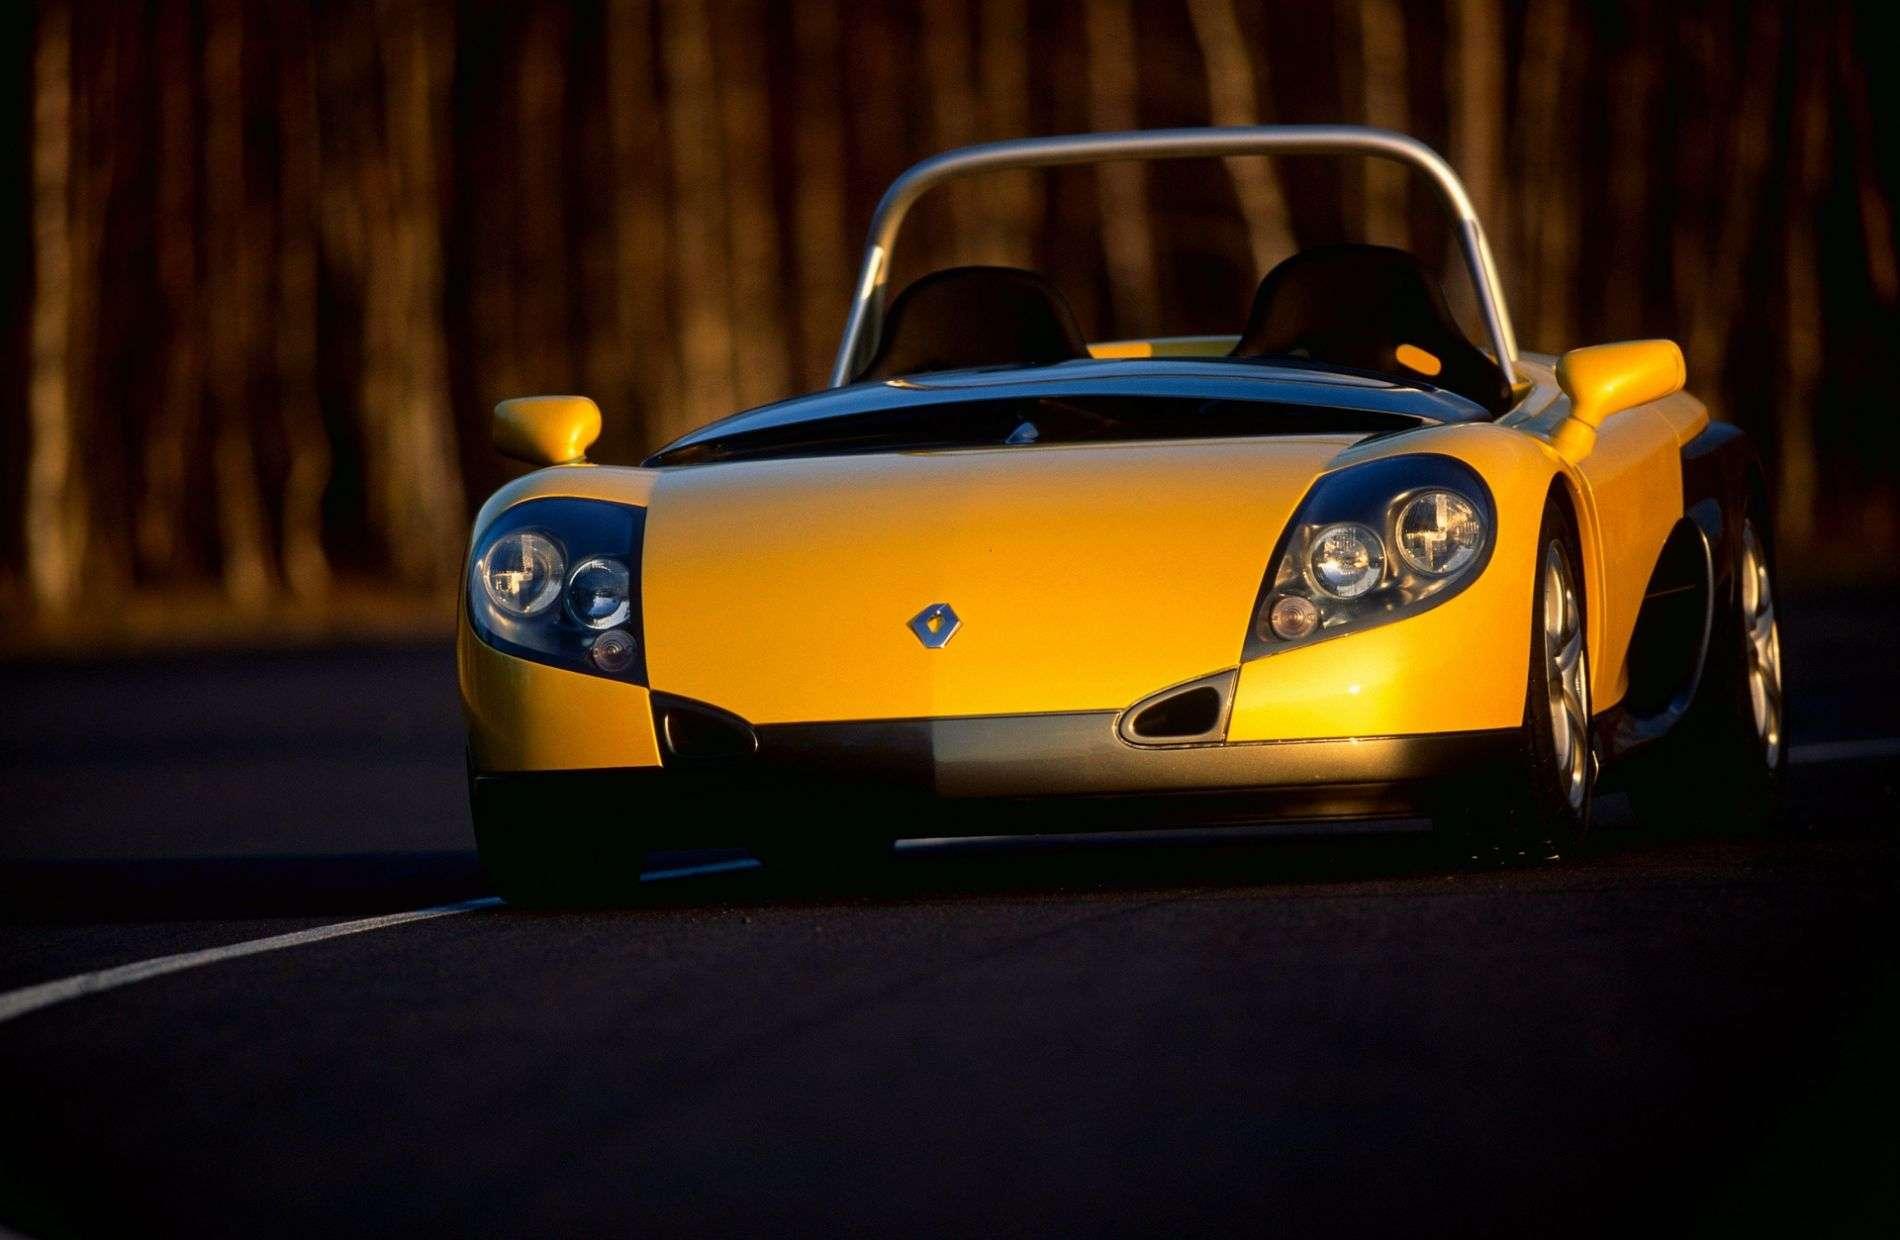 1996 Renault Spider